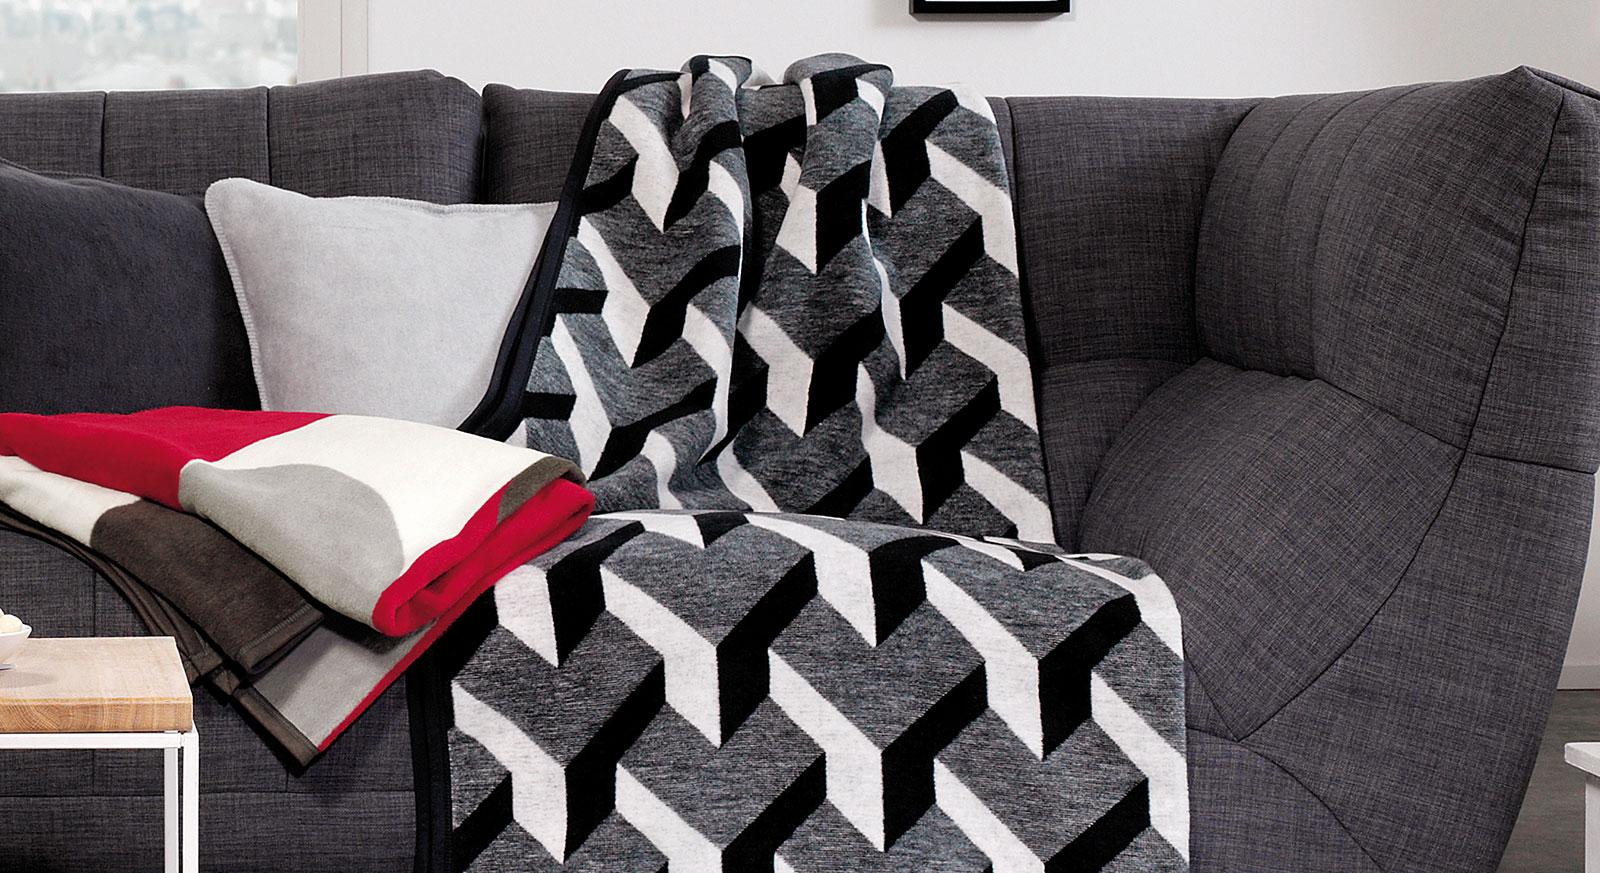 Kuscheldecke Black & White mit modernem Muster